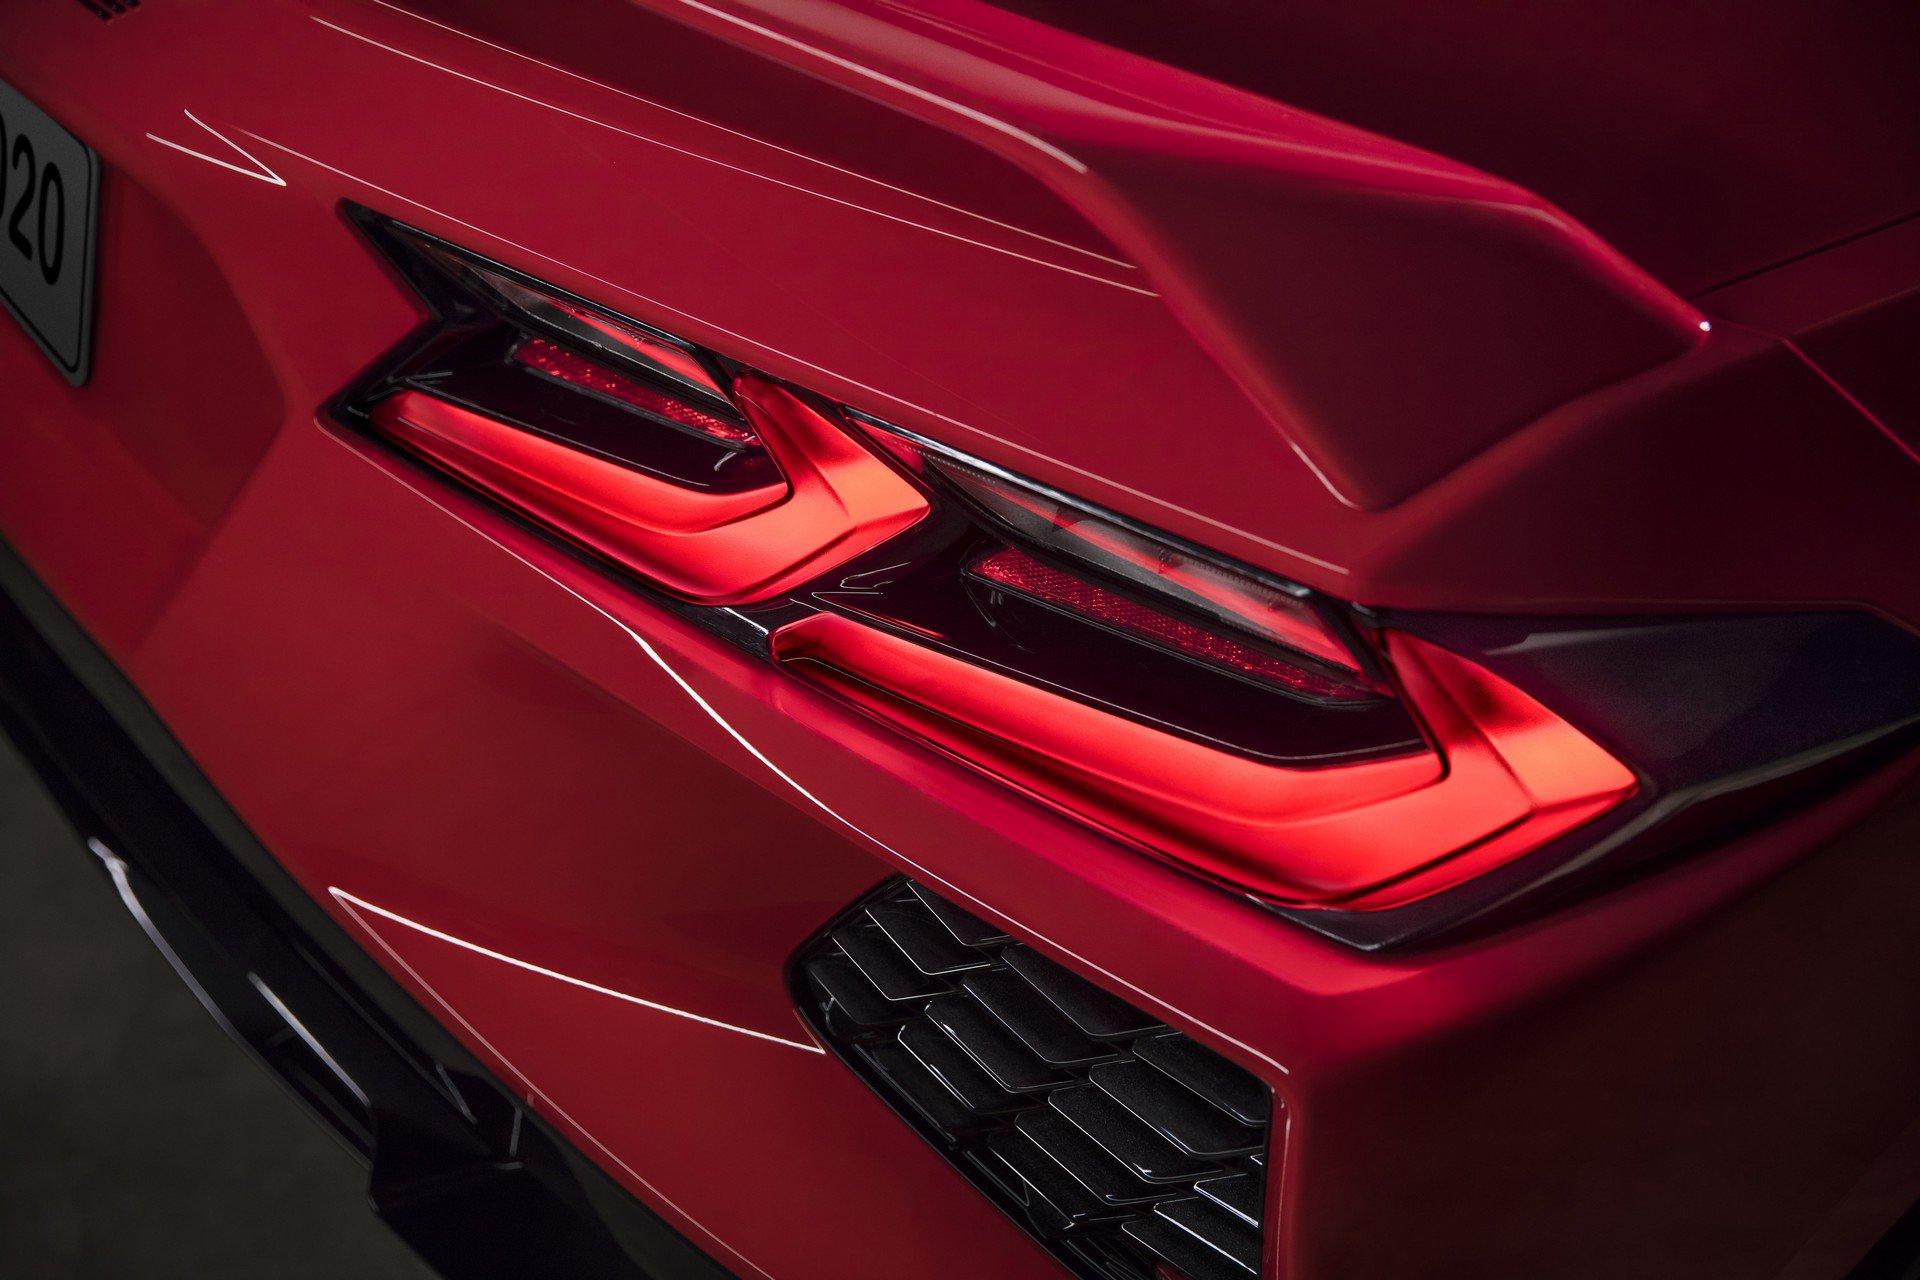 Chevrolet ra mắt Corvette C8 thế hệ mới thiết kế táo bạo, động cơ đặt giữa - 14